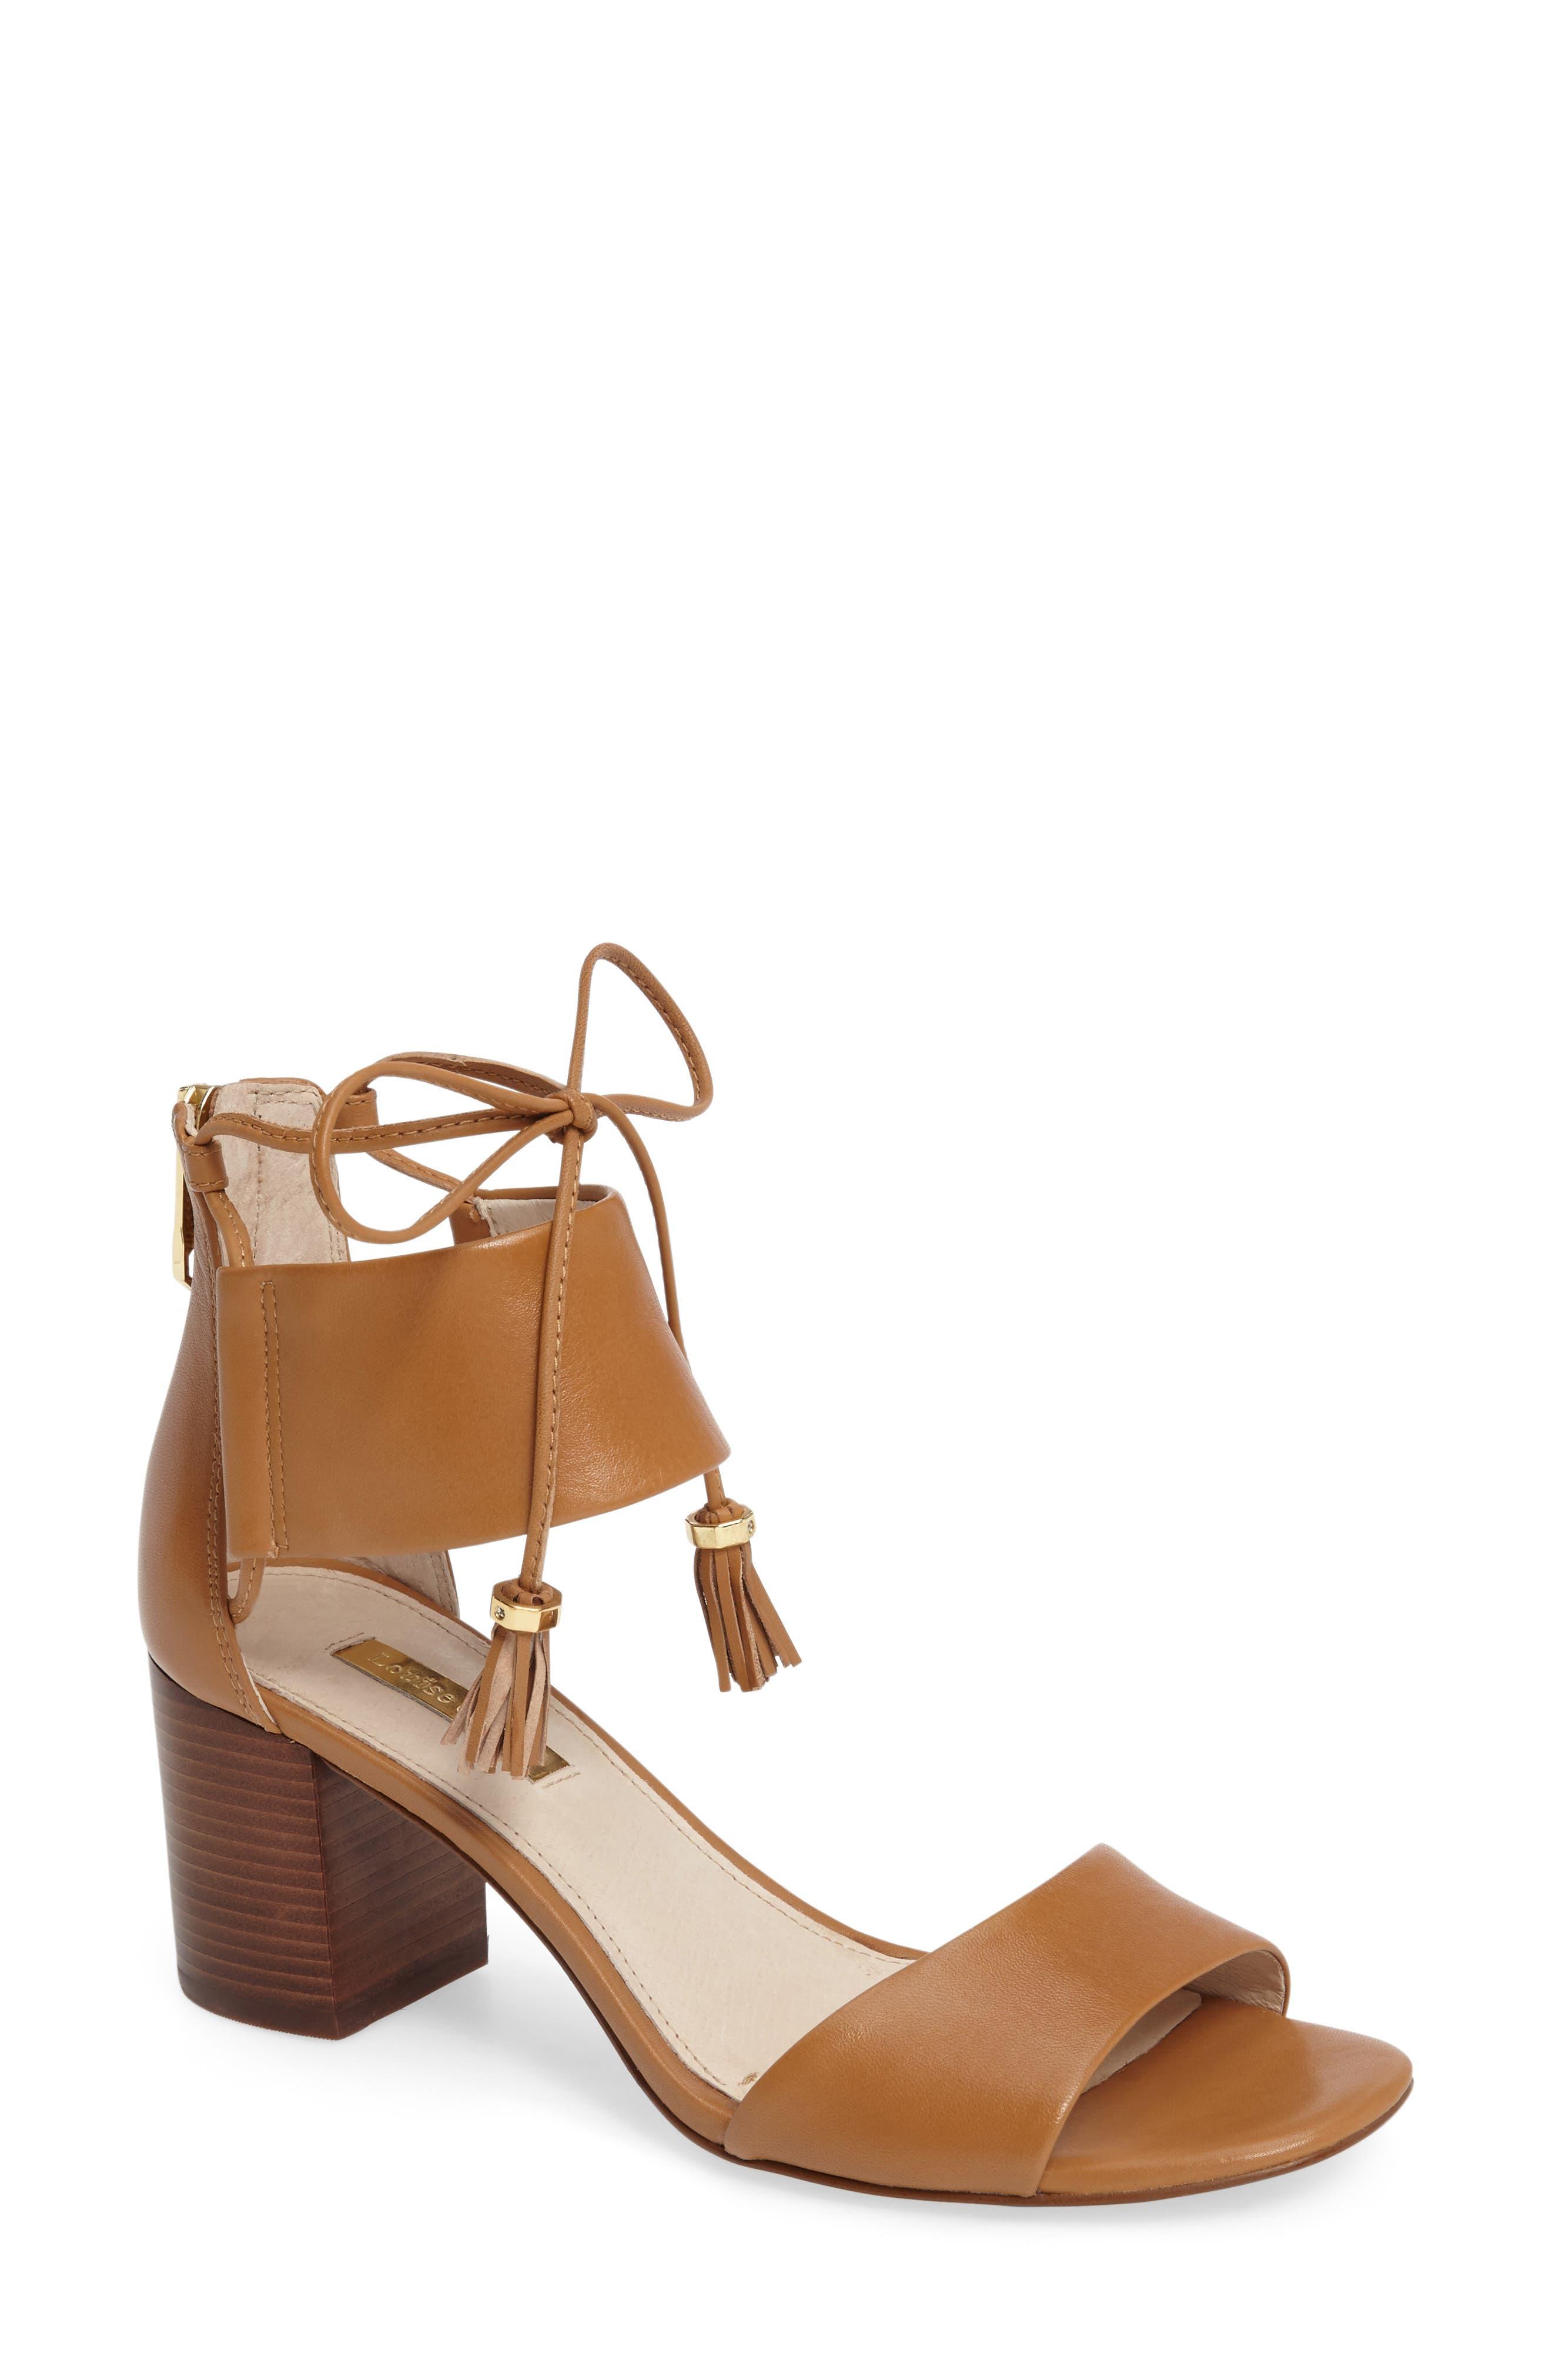 Keegan Block Heel Sandal,                         Main,                         color, True Tan Leather